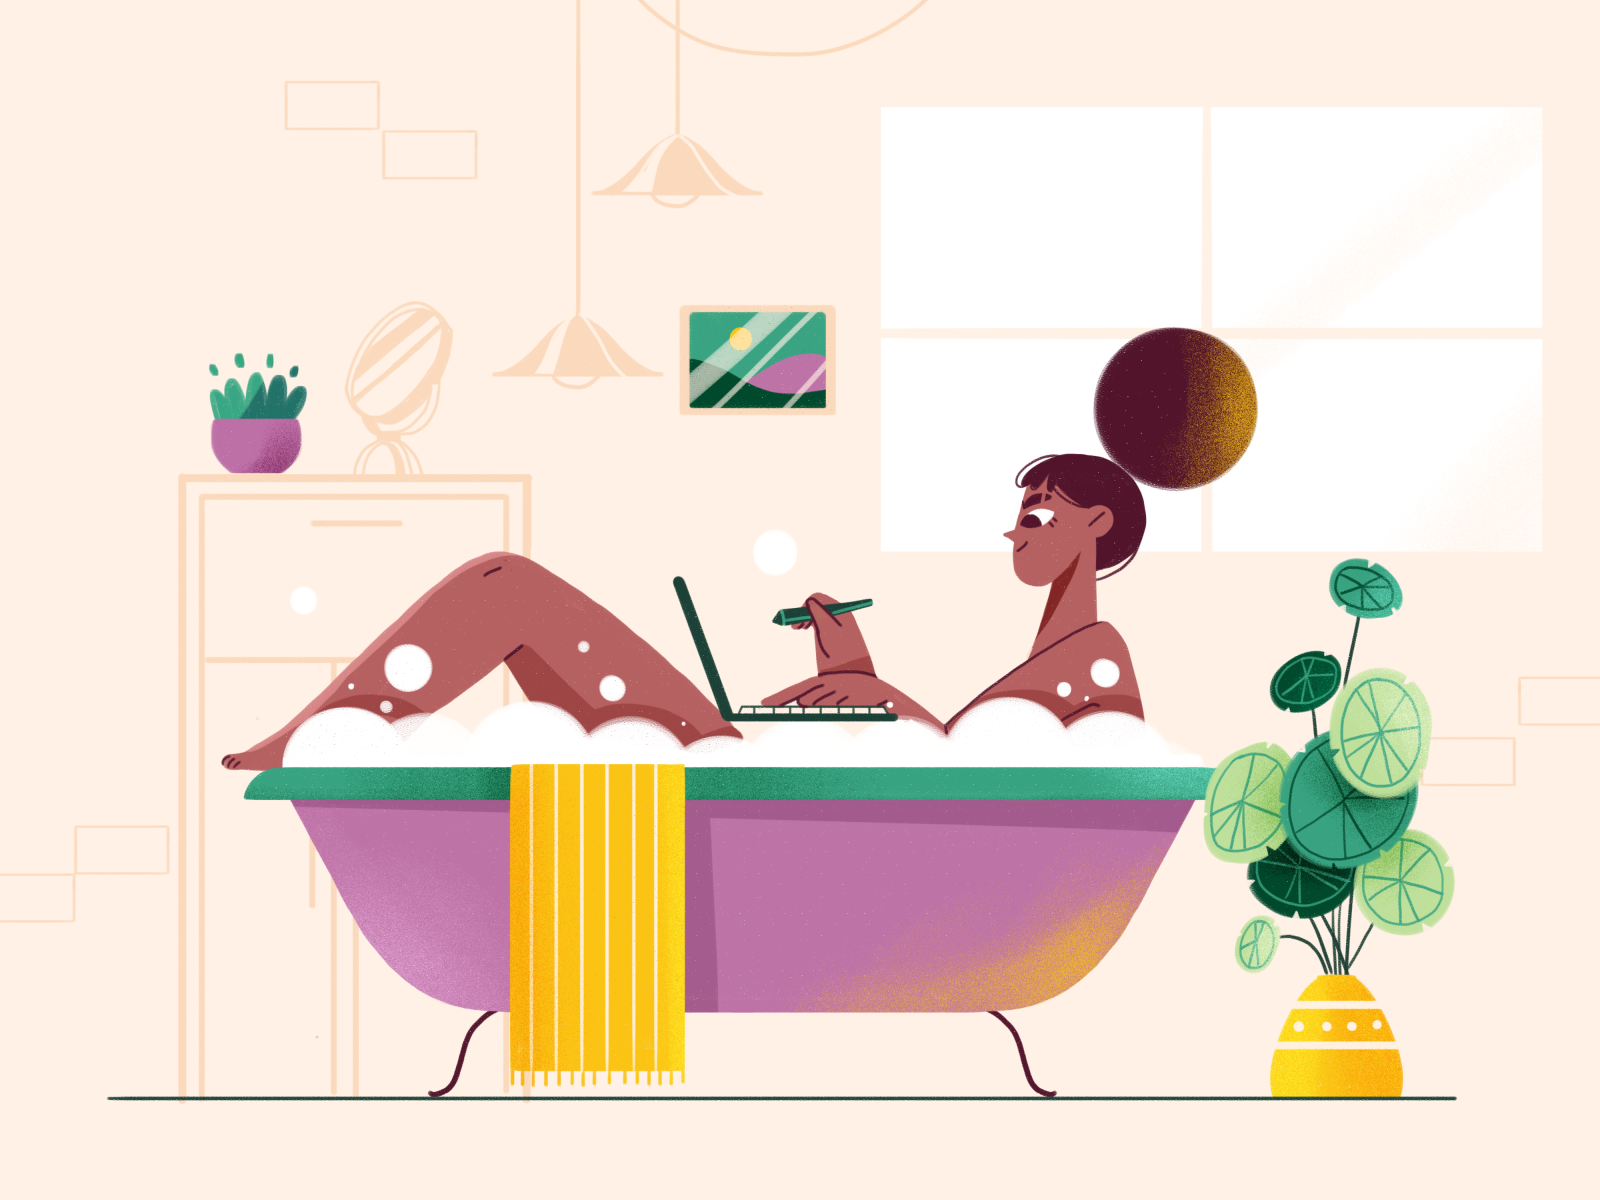 Bao lâu mới phải đi tắm một lần?